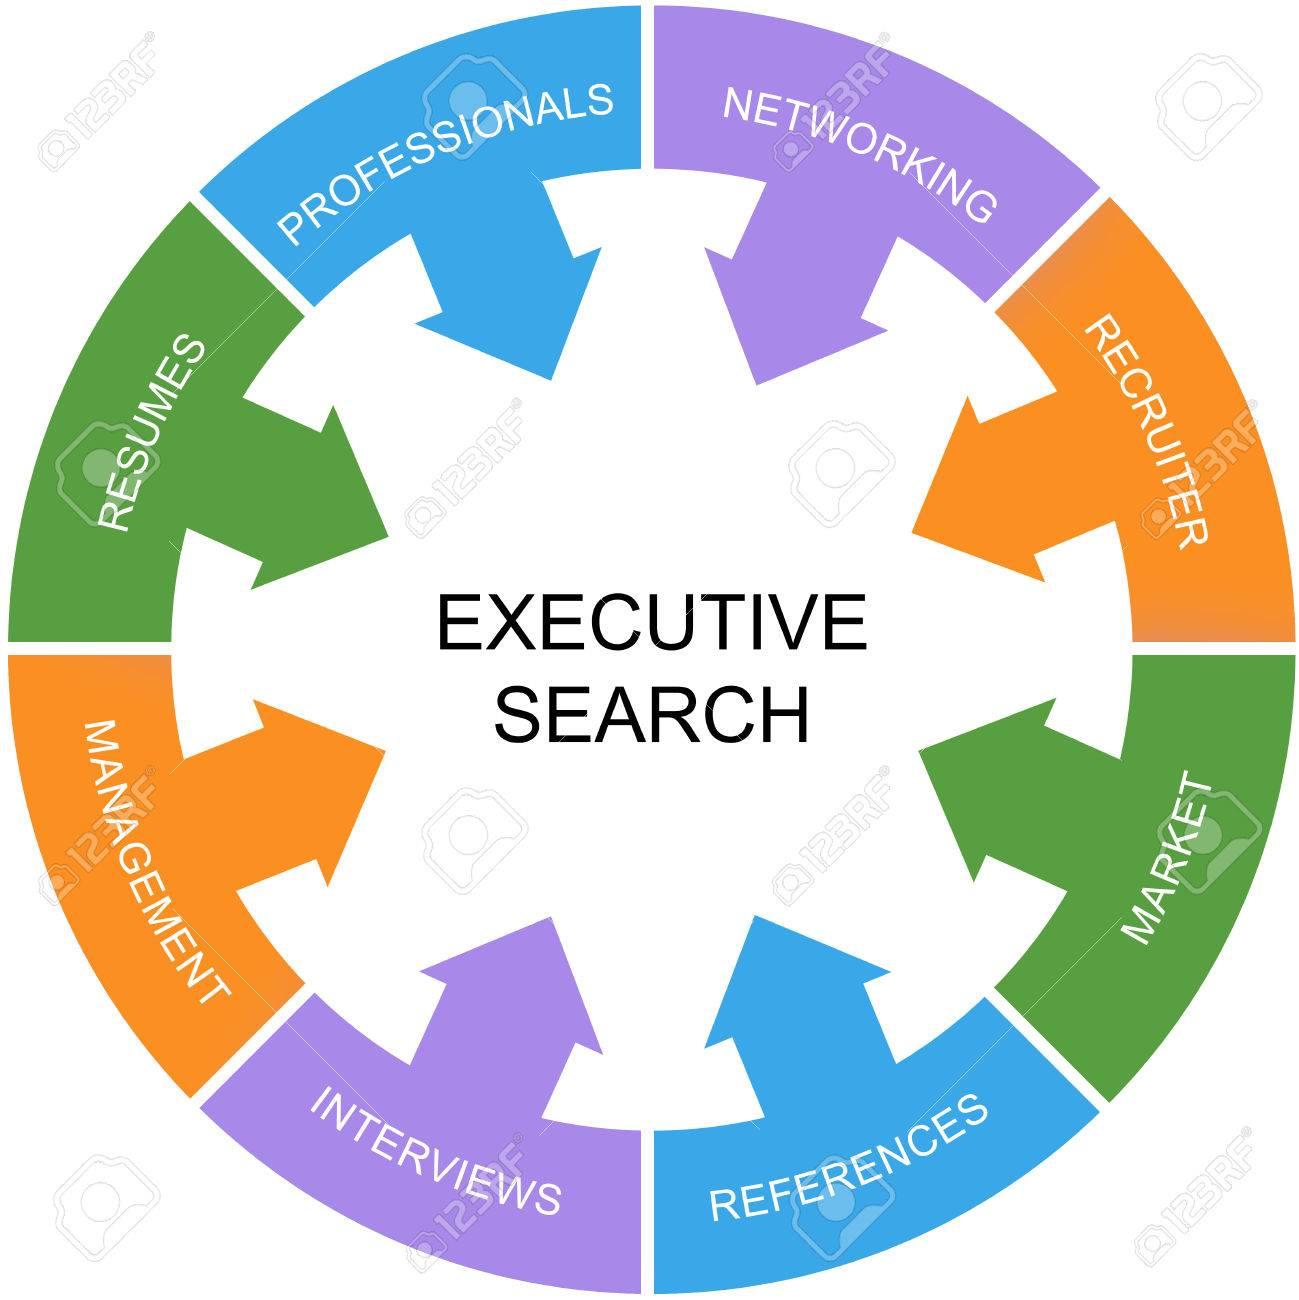 Executive Search Word-Kreis-Konzept Mit Großer Begriffe Wie ...